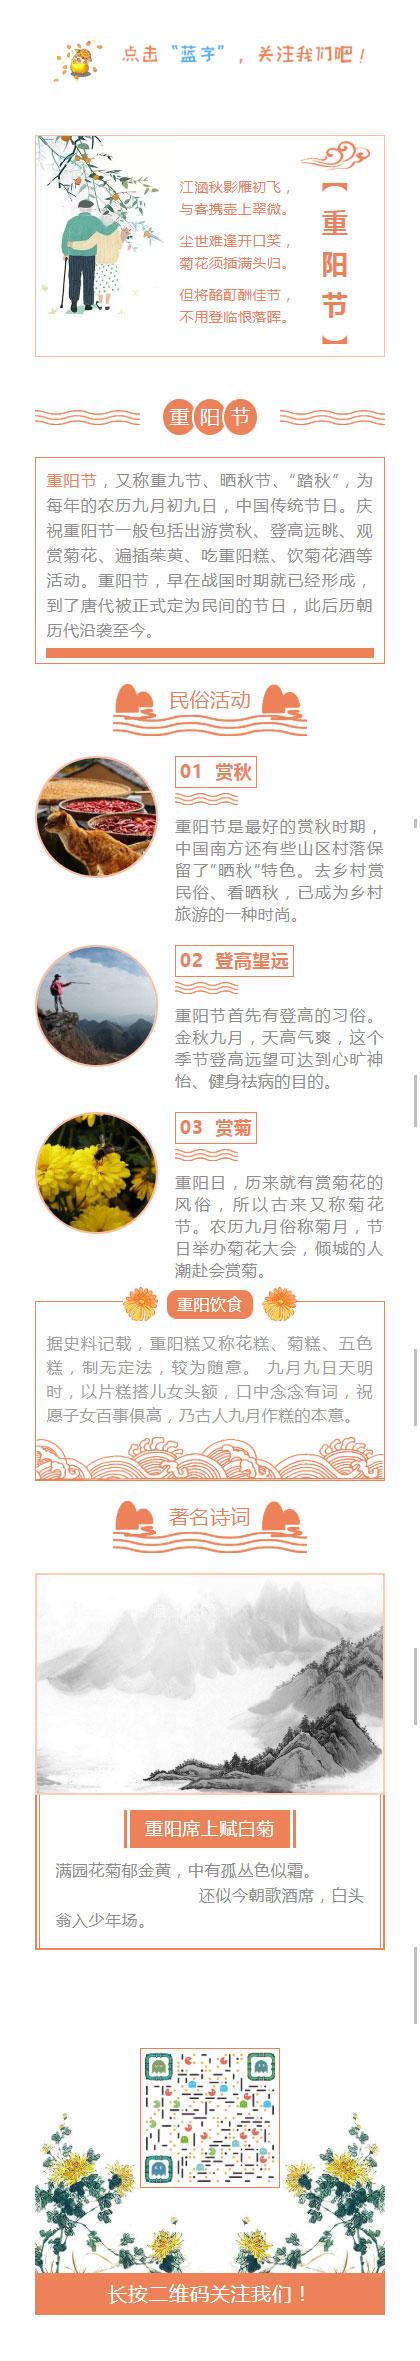 重阳节,又称重九节农历九月初九日中国传统节日